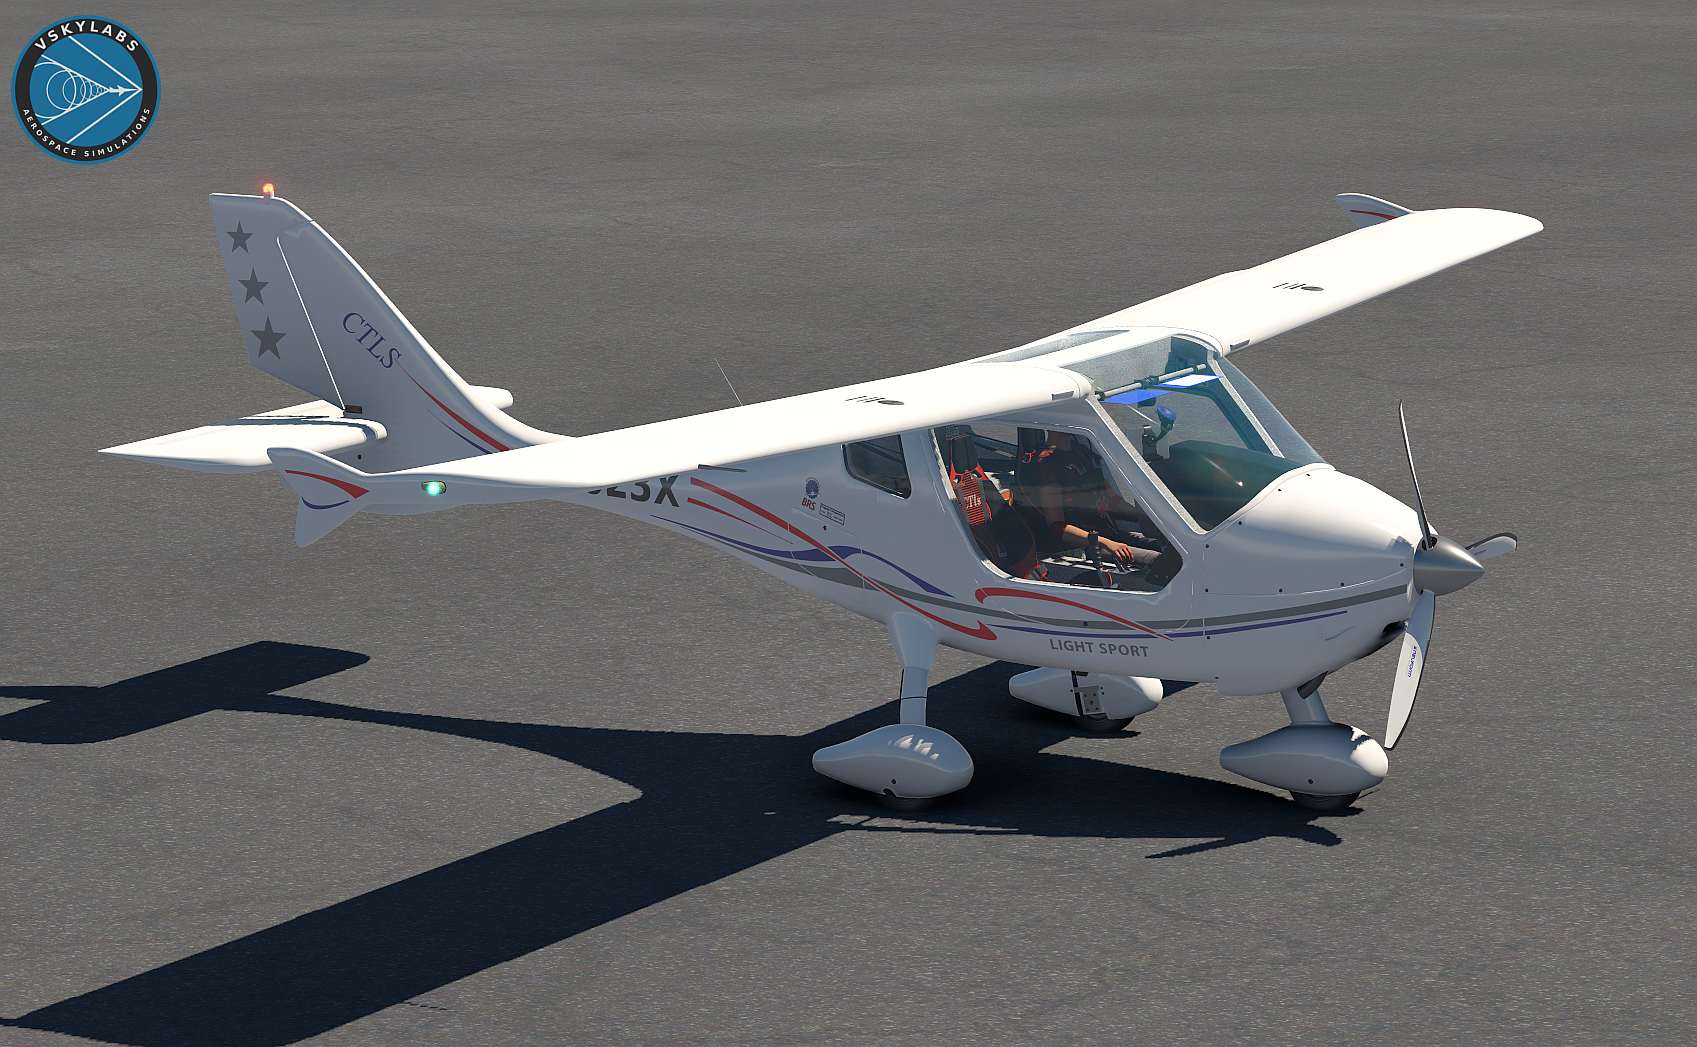 VSKYLABS Releases Flight Design CTLS Project | Threshold